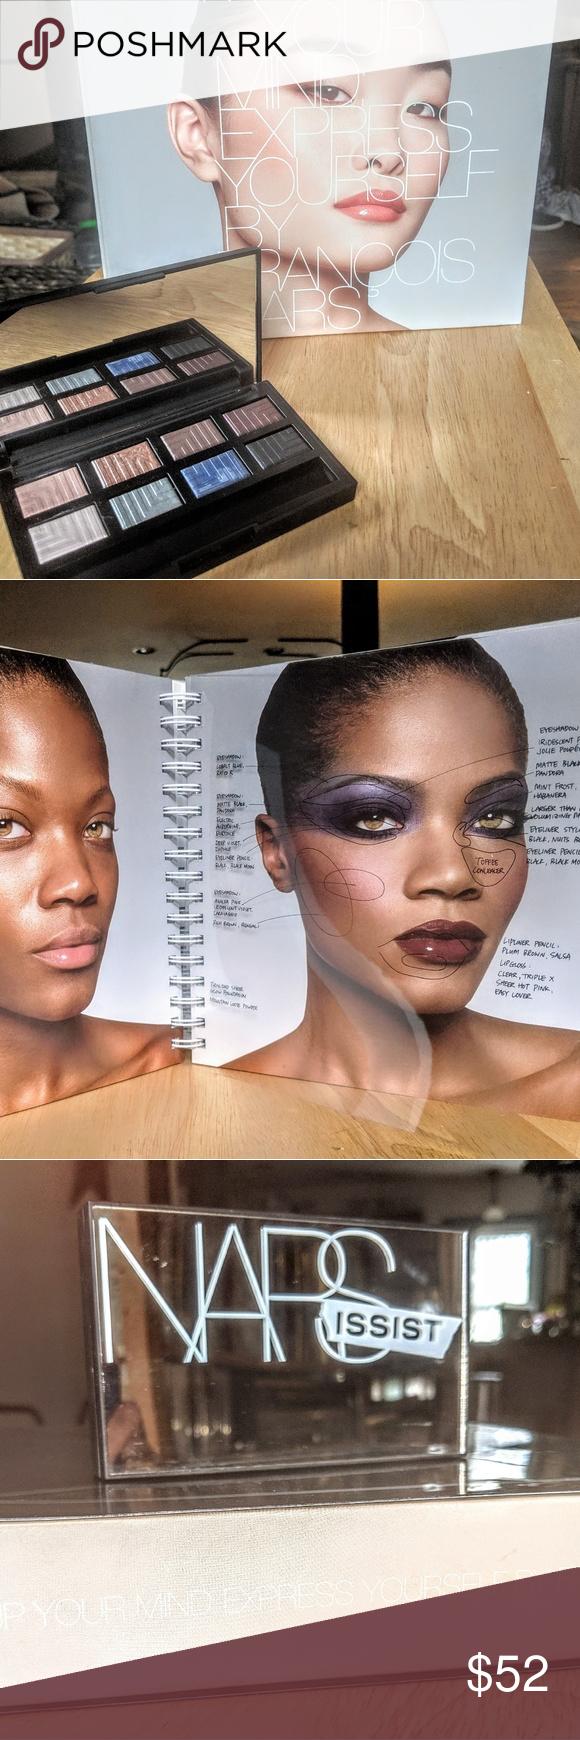 NARS BOOK and Eyeshadow BUNDLE! GREAT GIFT Eyeshadow